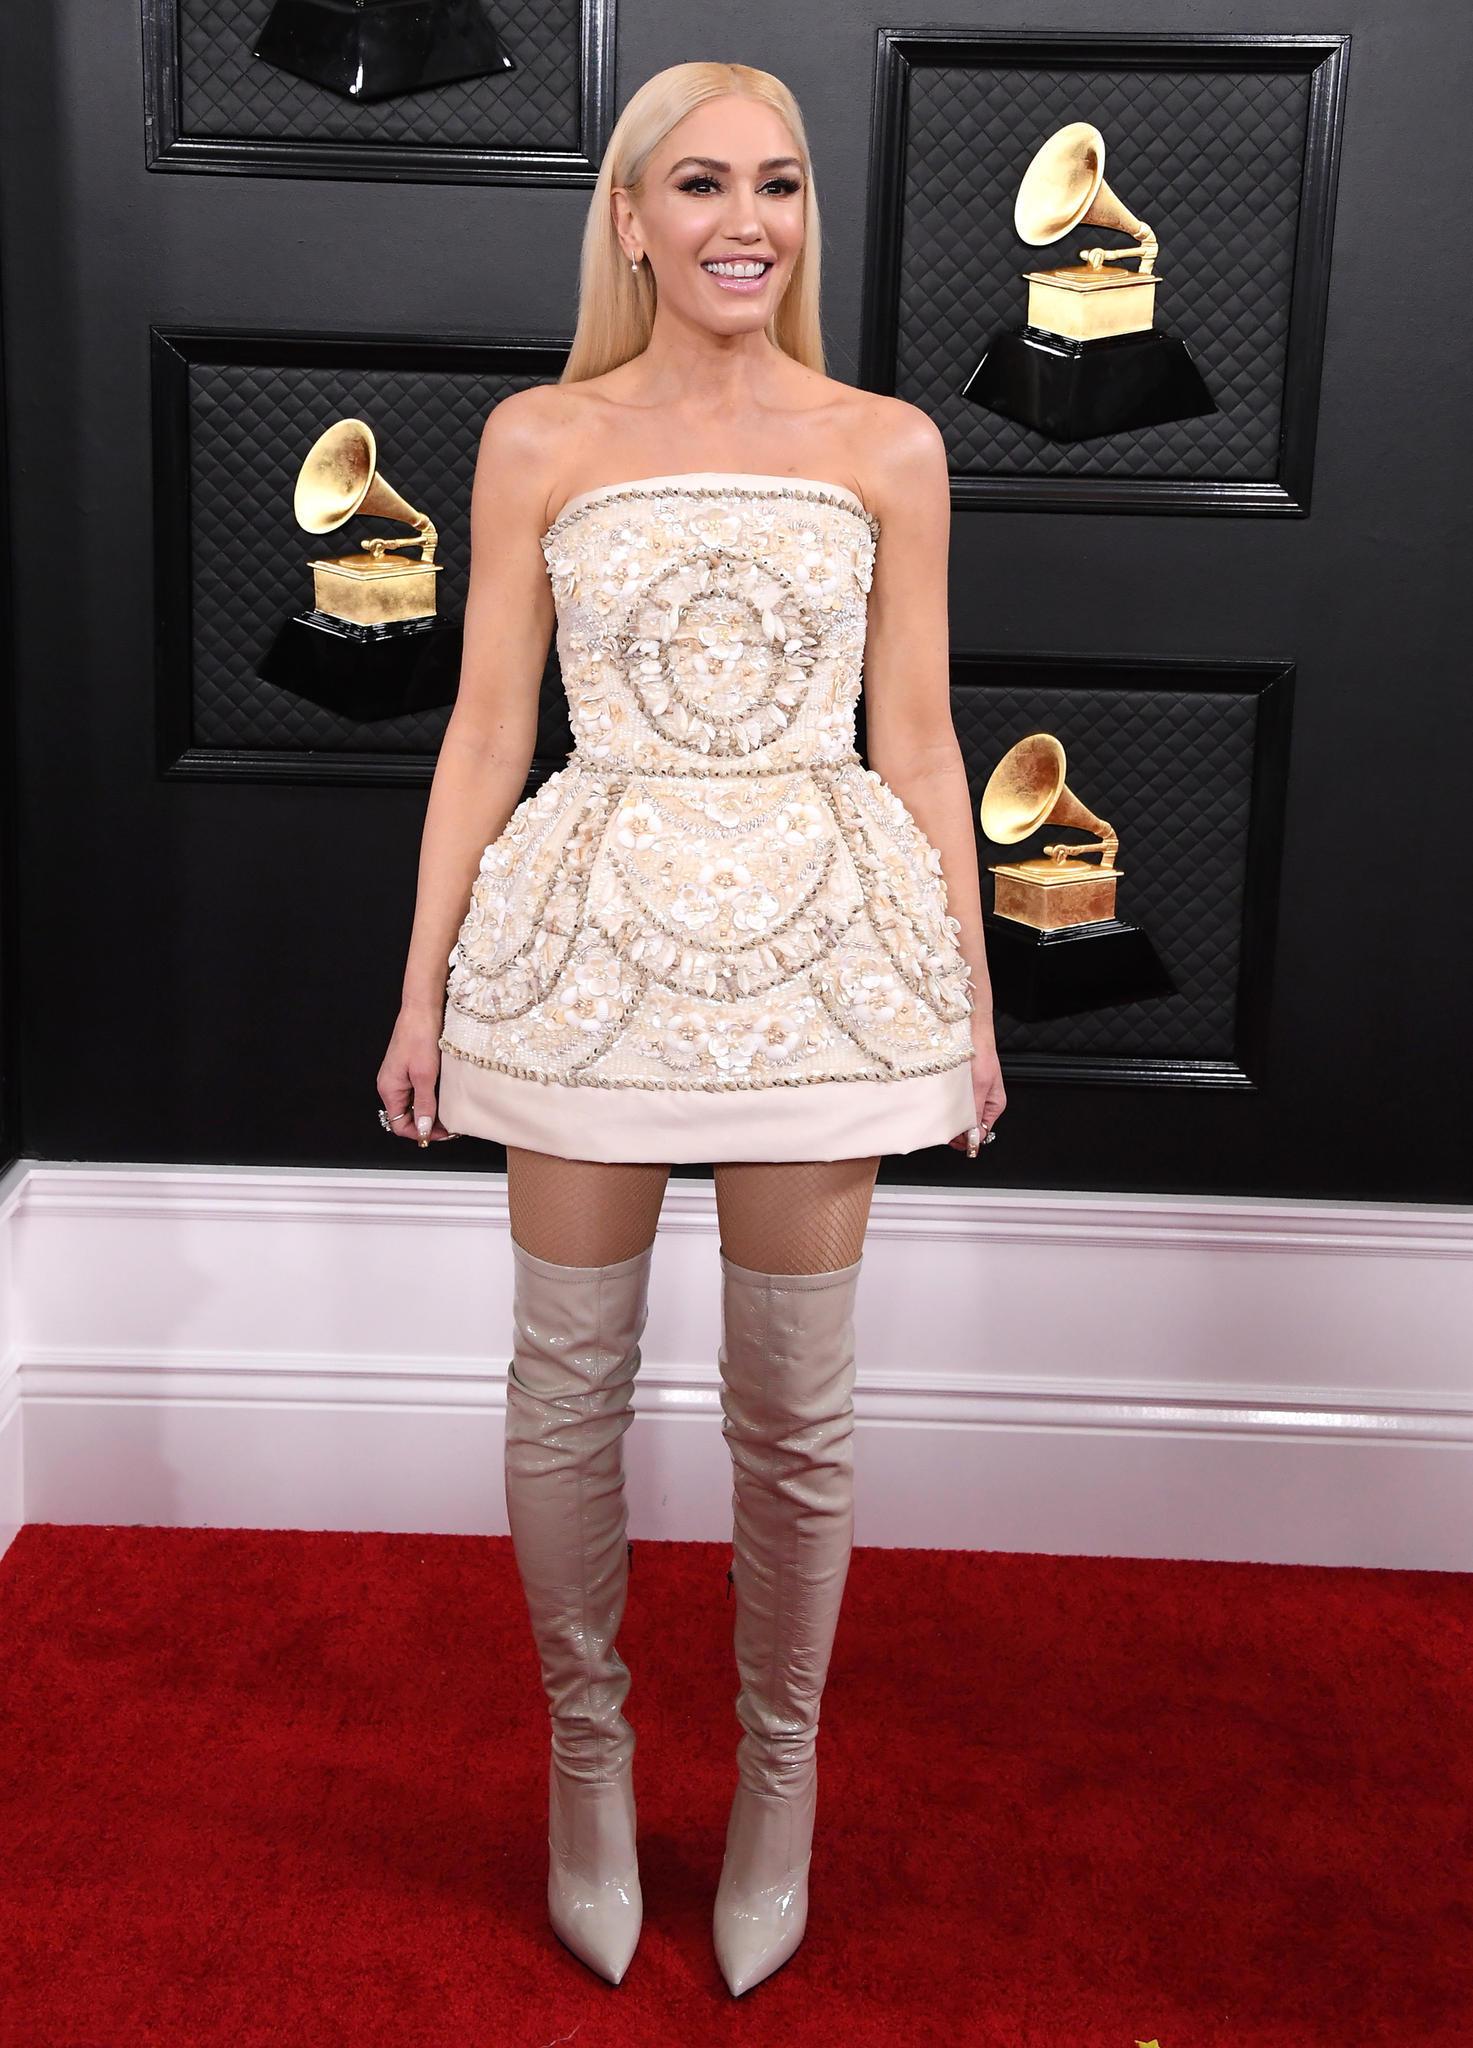 Gwen Stefani im kurzen maßgeschneiderten Dolce & Gabbana Kleid bei den Grammys